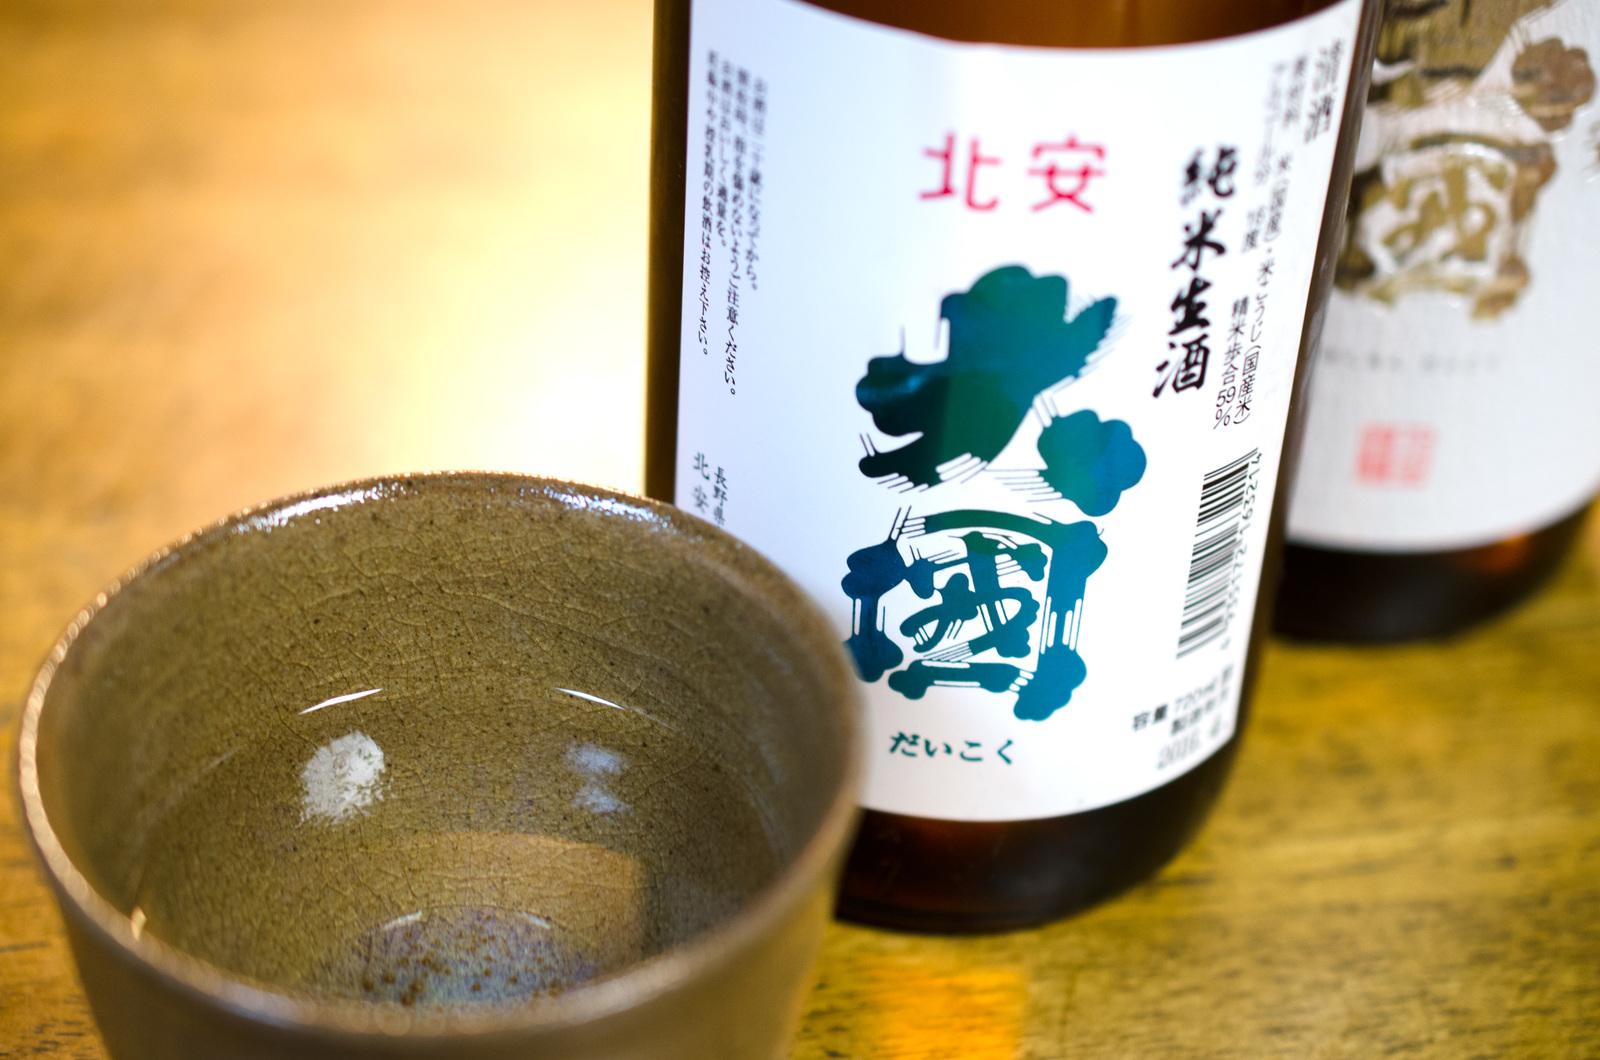 北安醸造 北安大國 純米 生酒